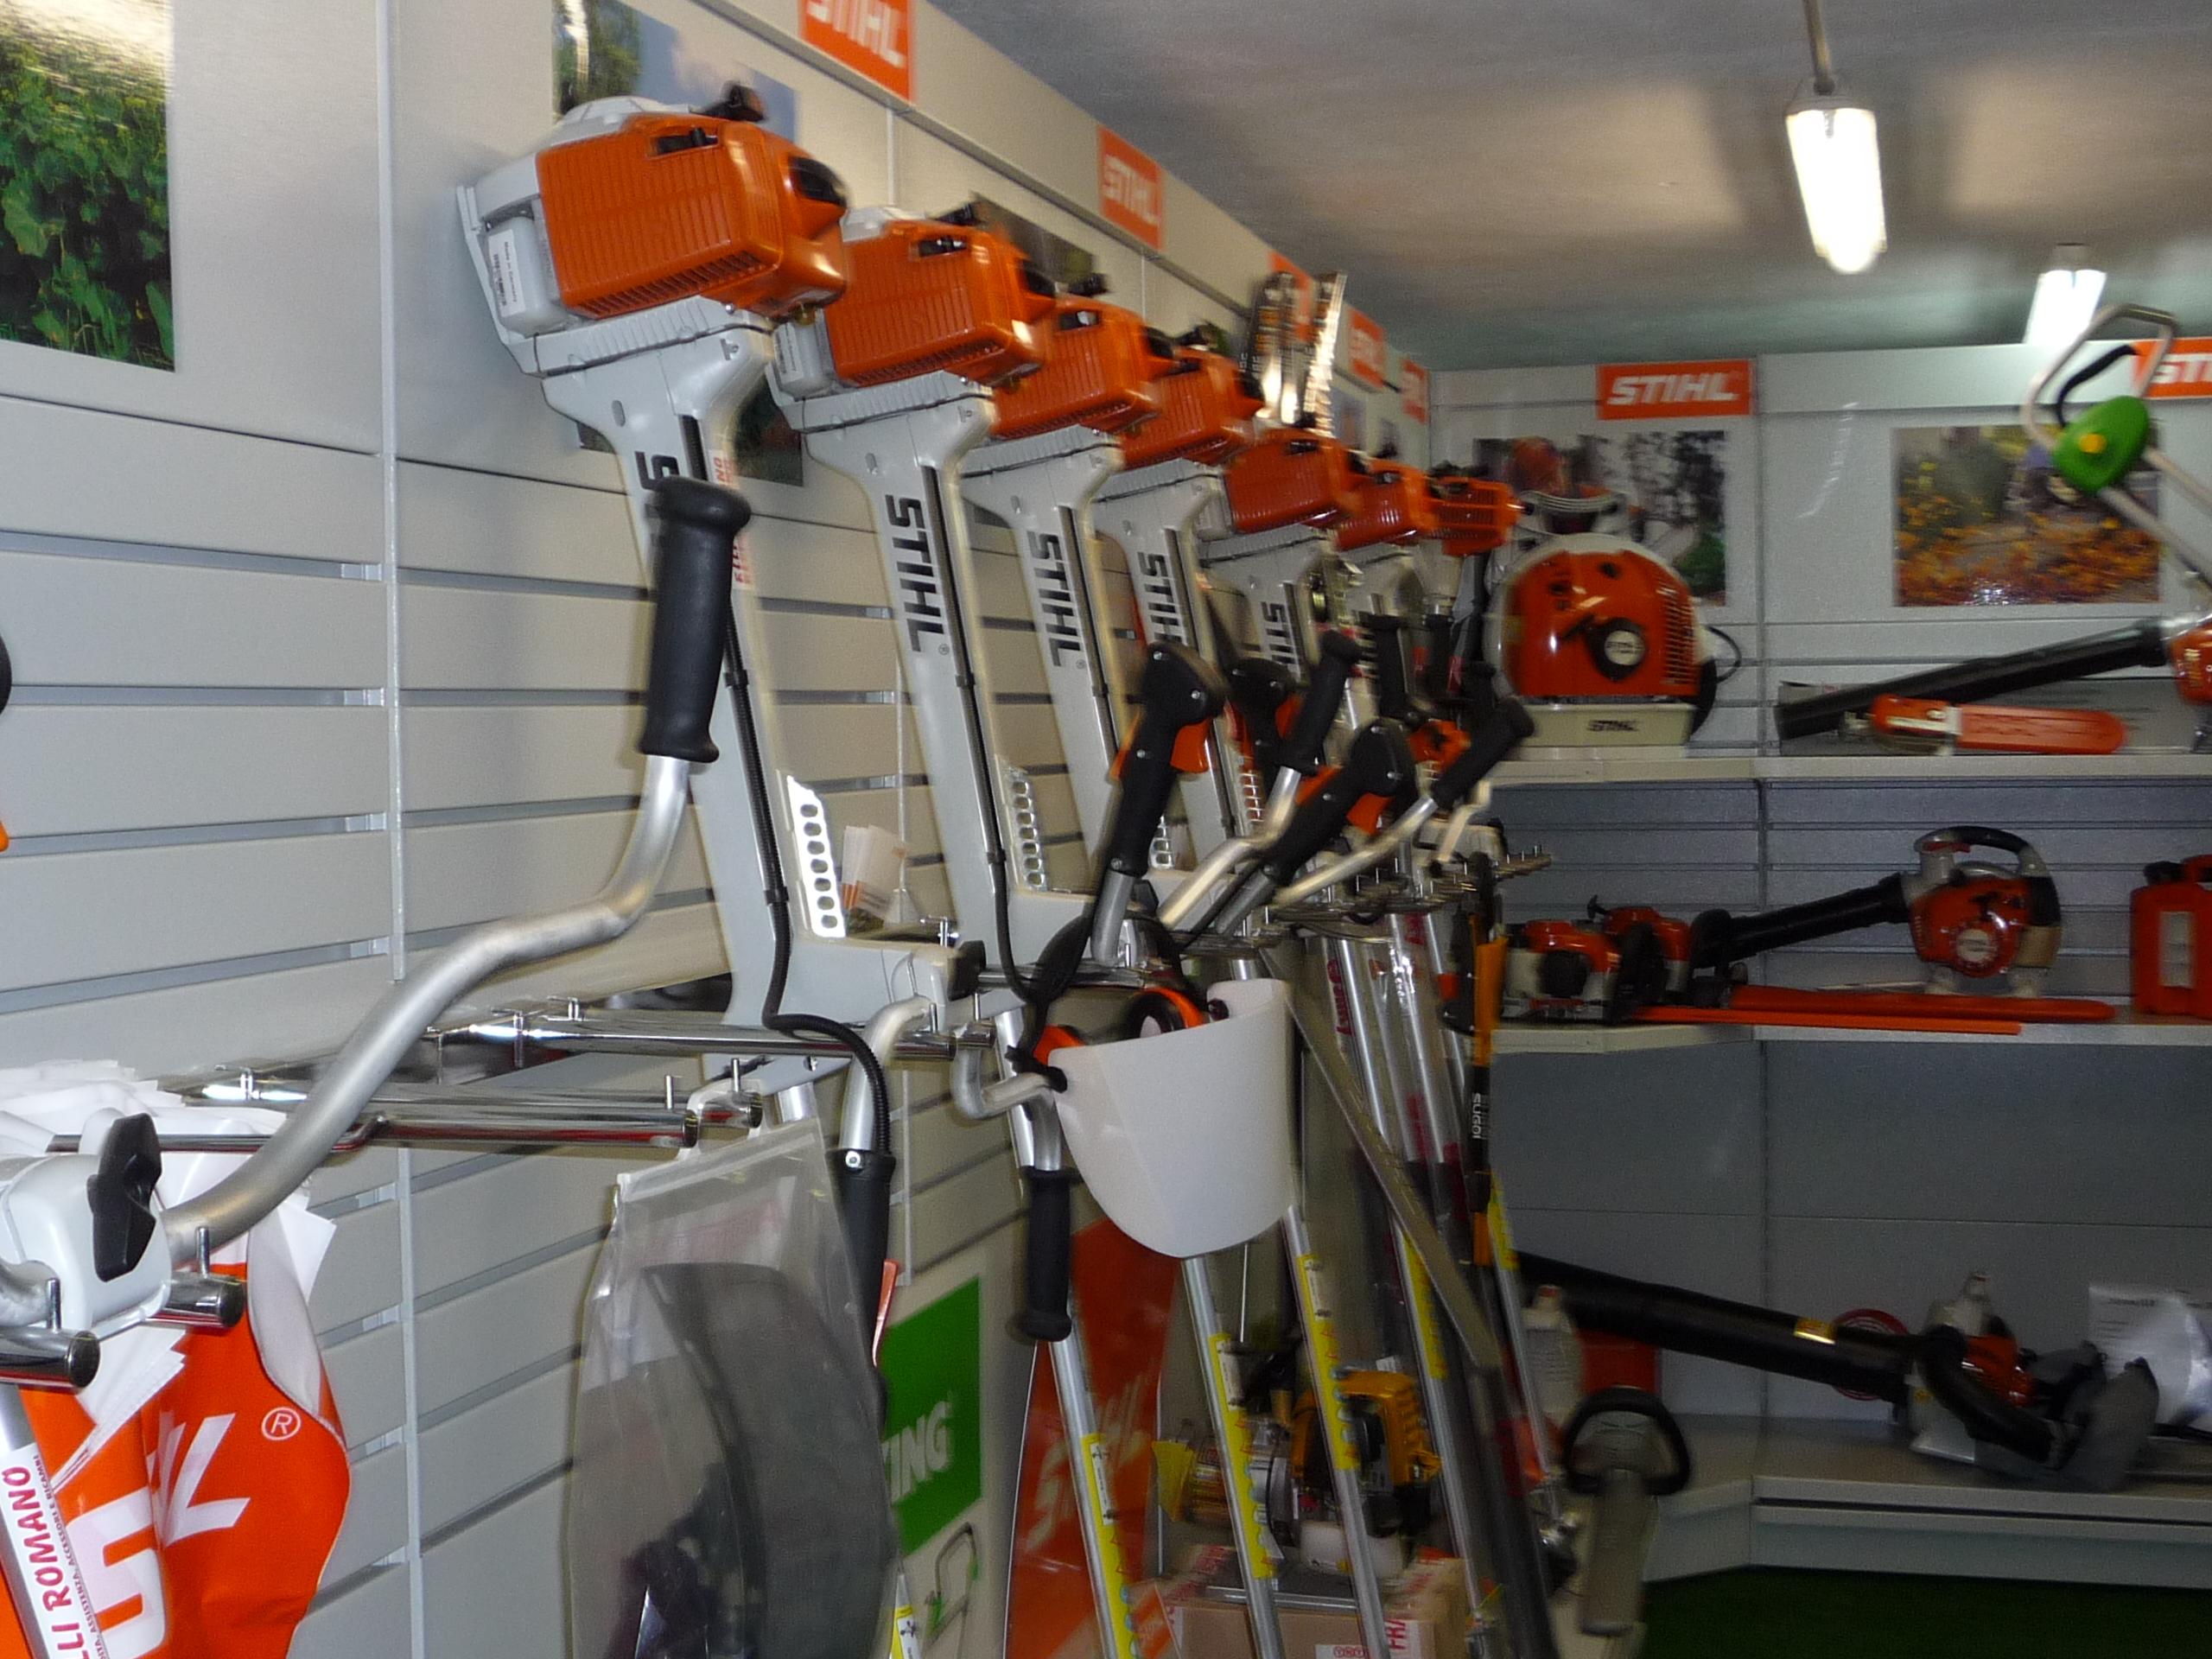 Romano Antonio Macchine Agricole:Macchine Agricole a Diano Marina